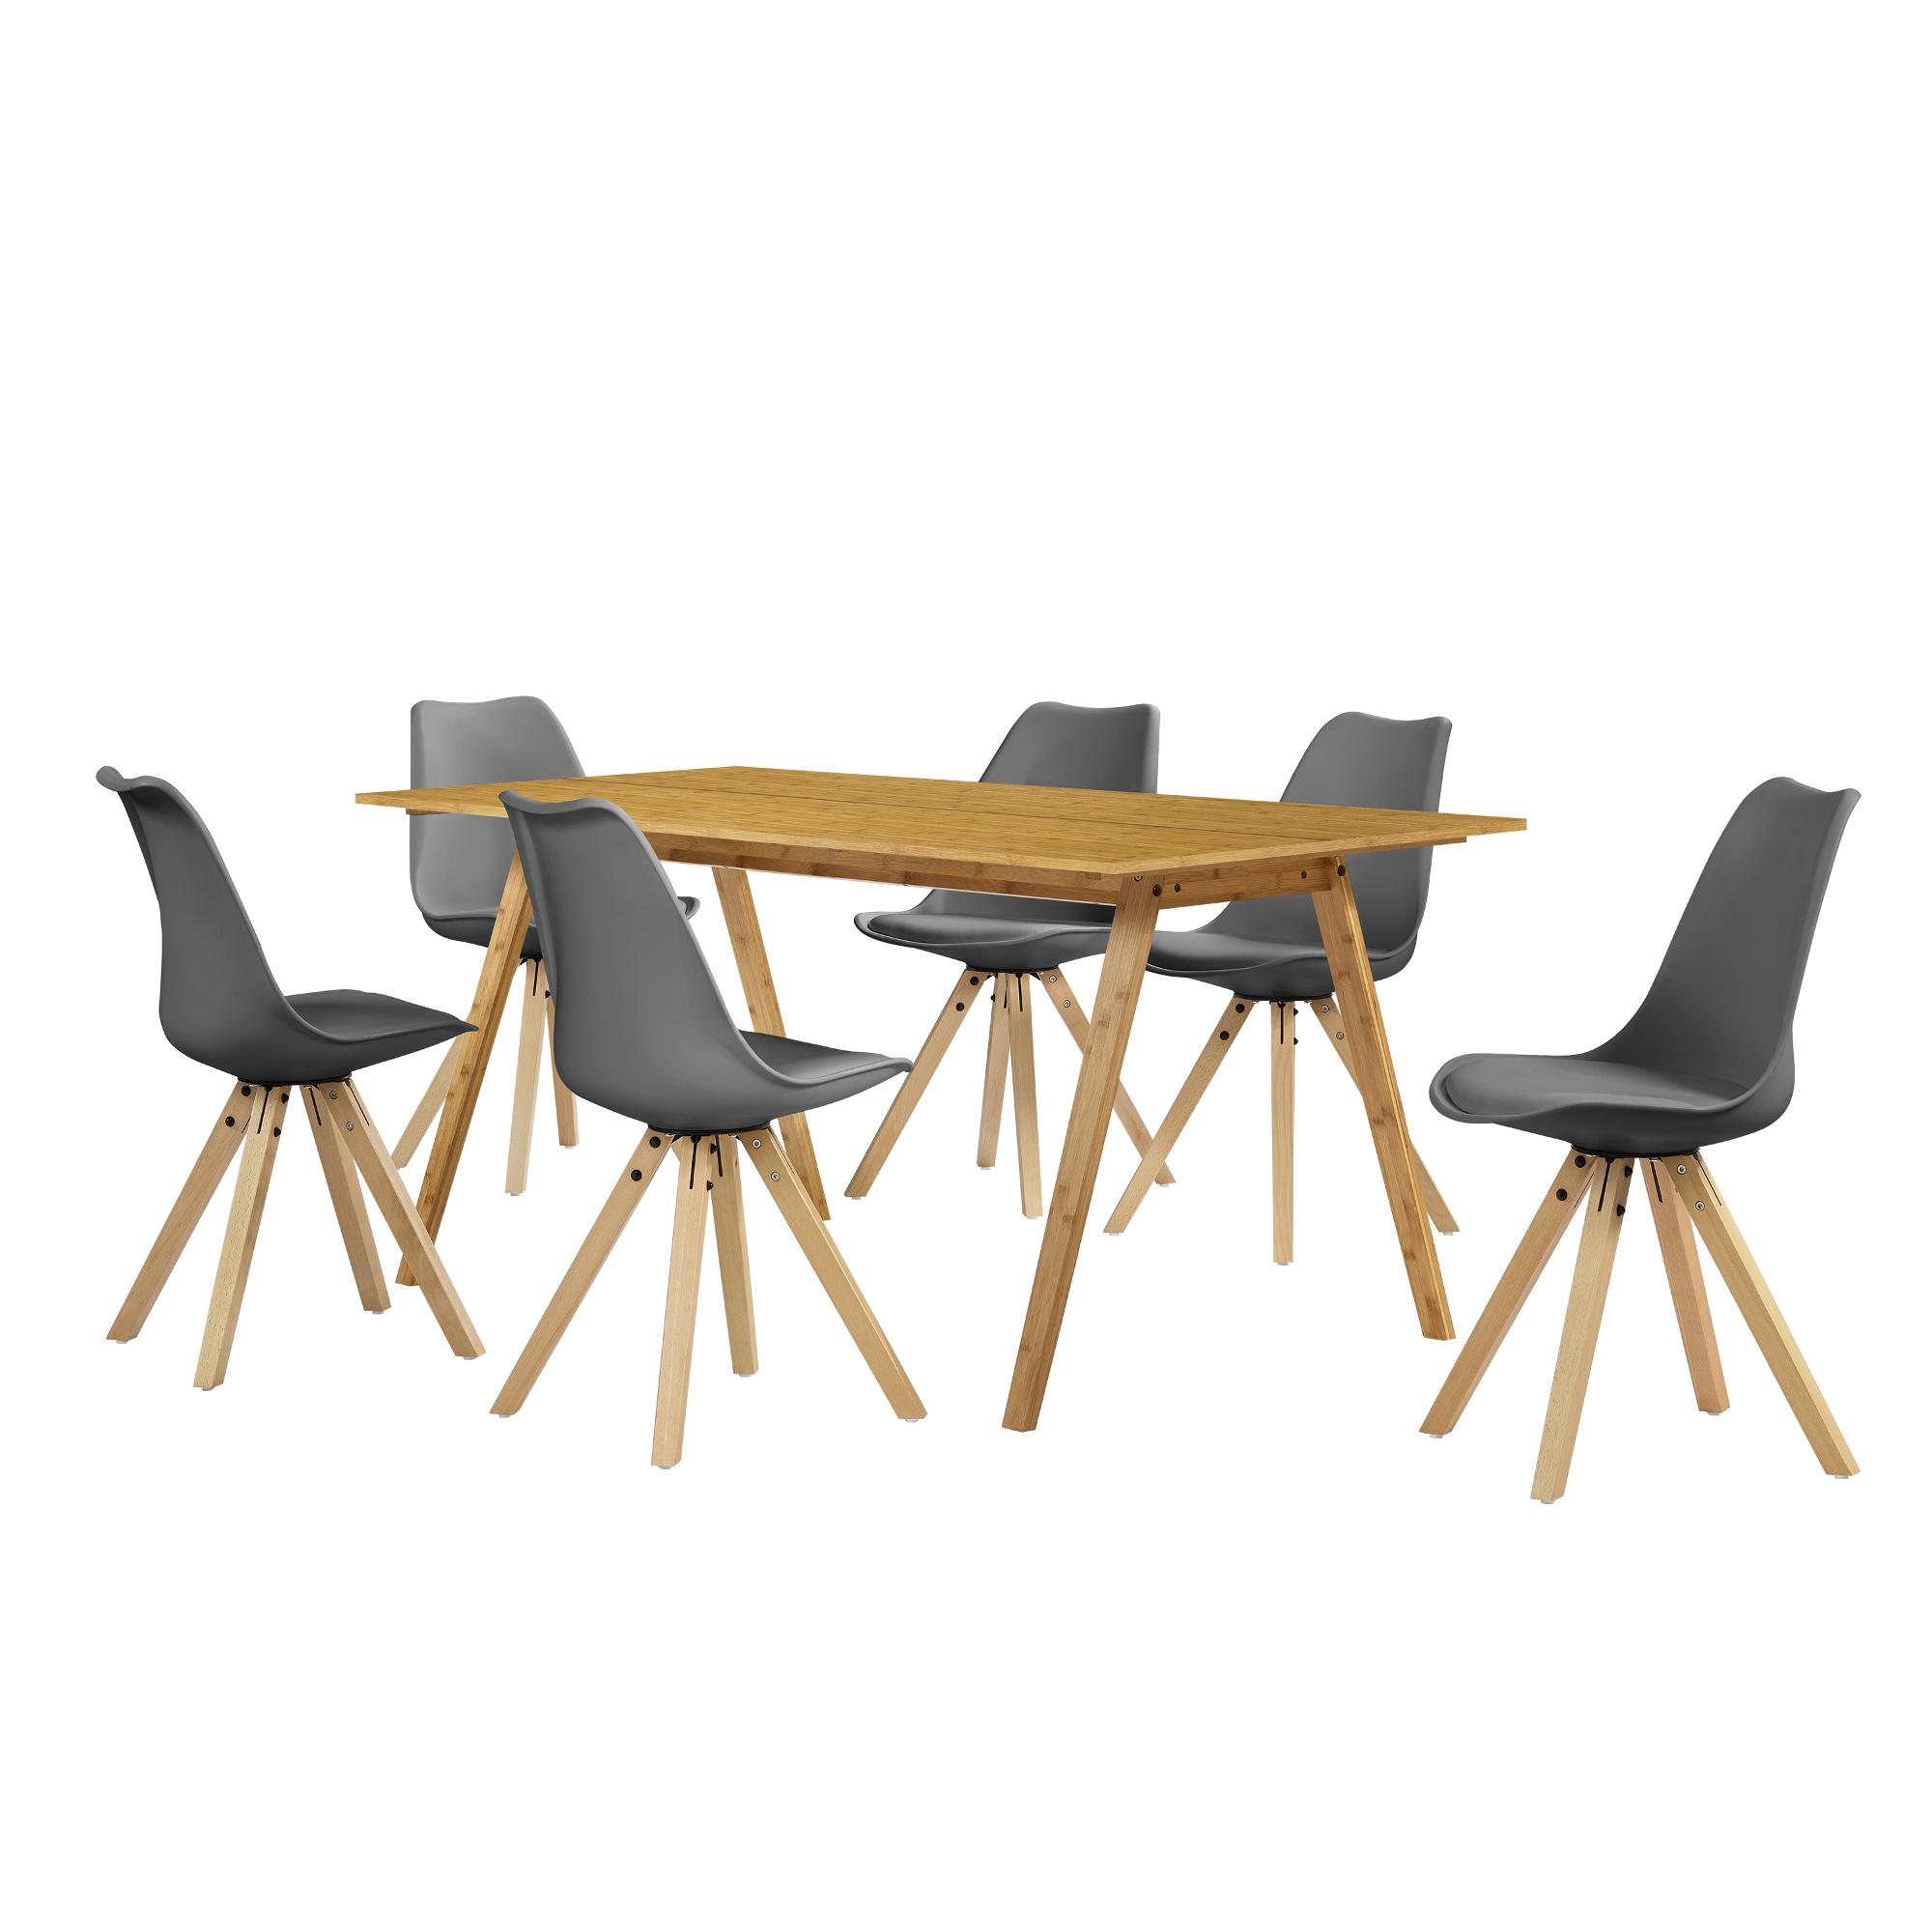 esstisch bambus mit 6 st hlen grau gepolstert tisch 180x80 st hle ebay